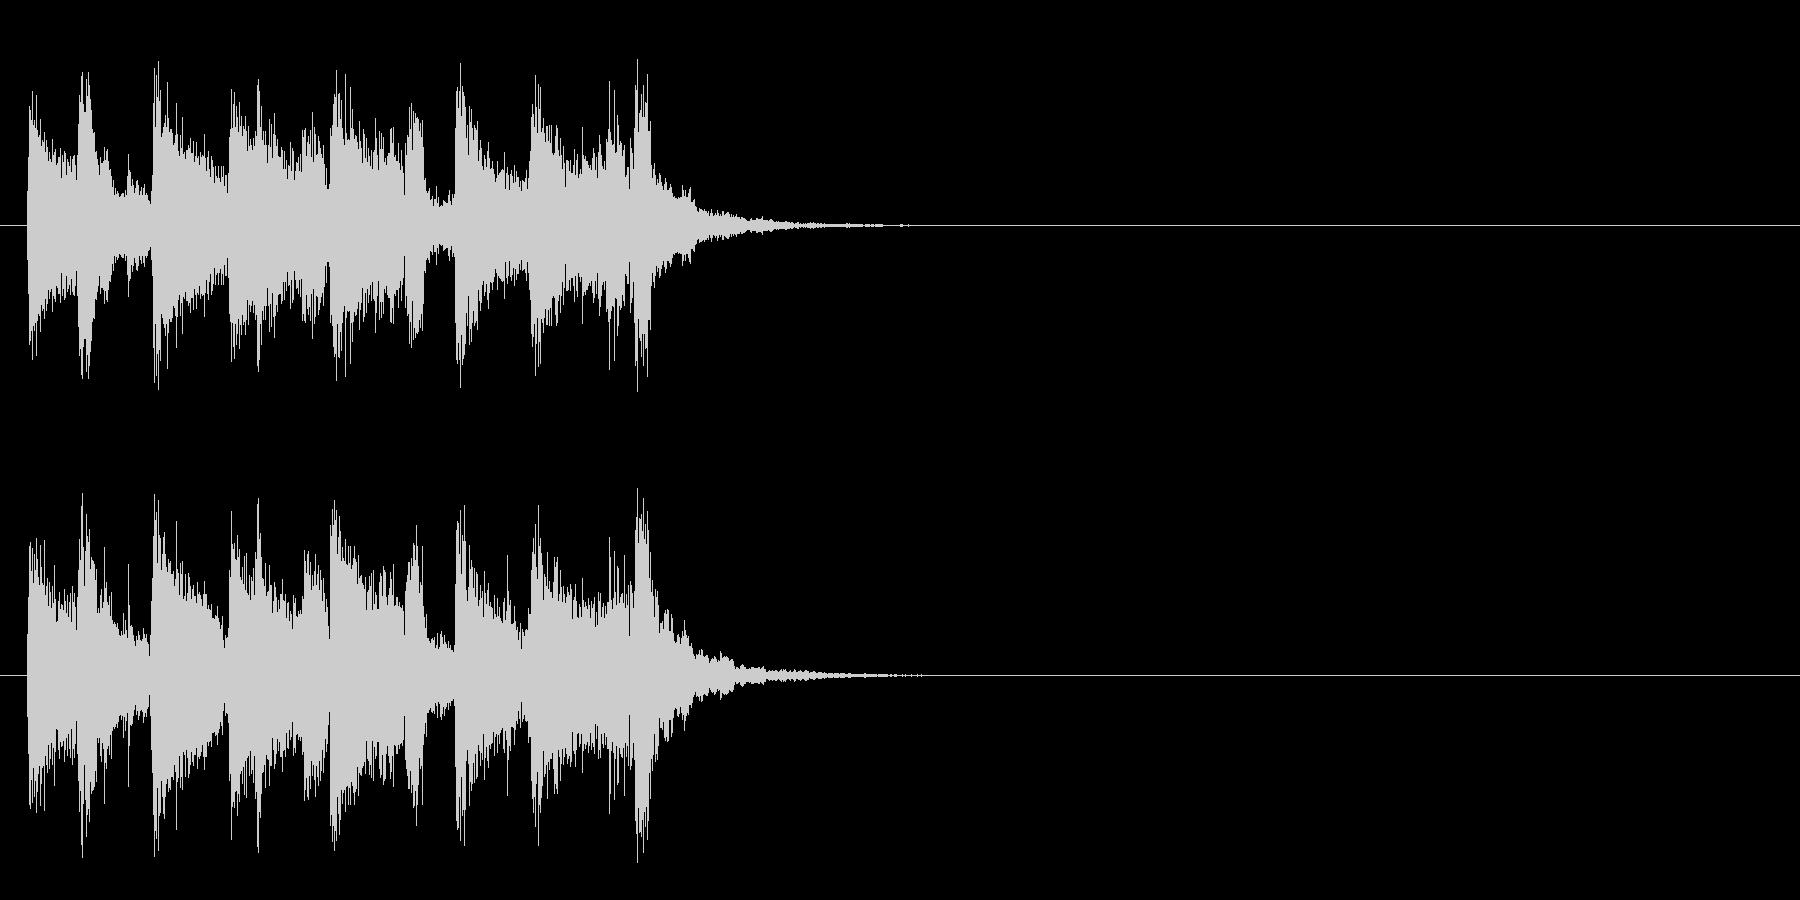 ジングル/アタック(スイング・ジャズ風)の未再生の波形